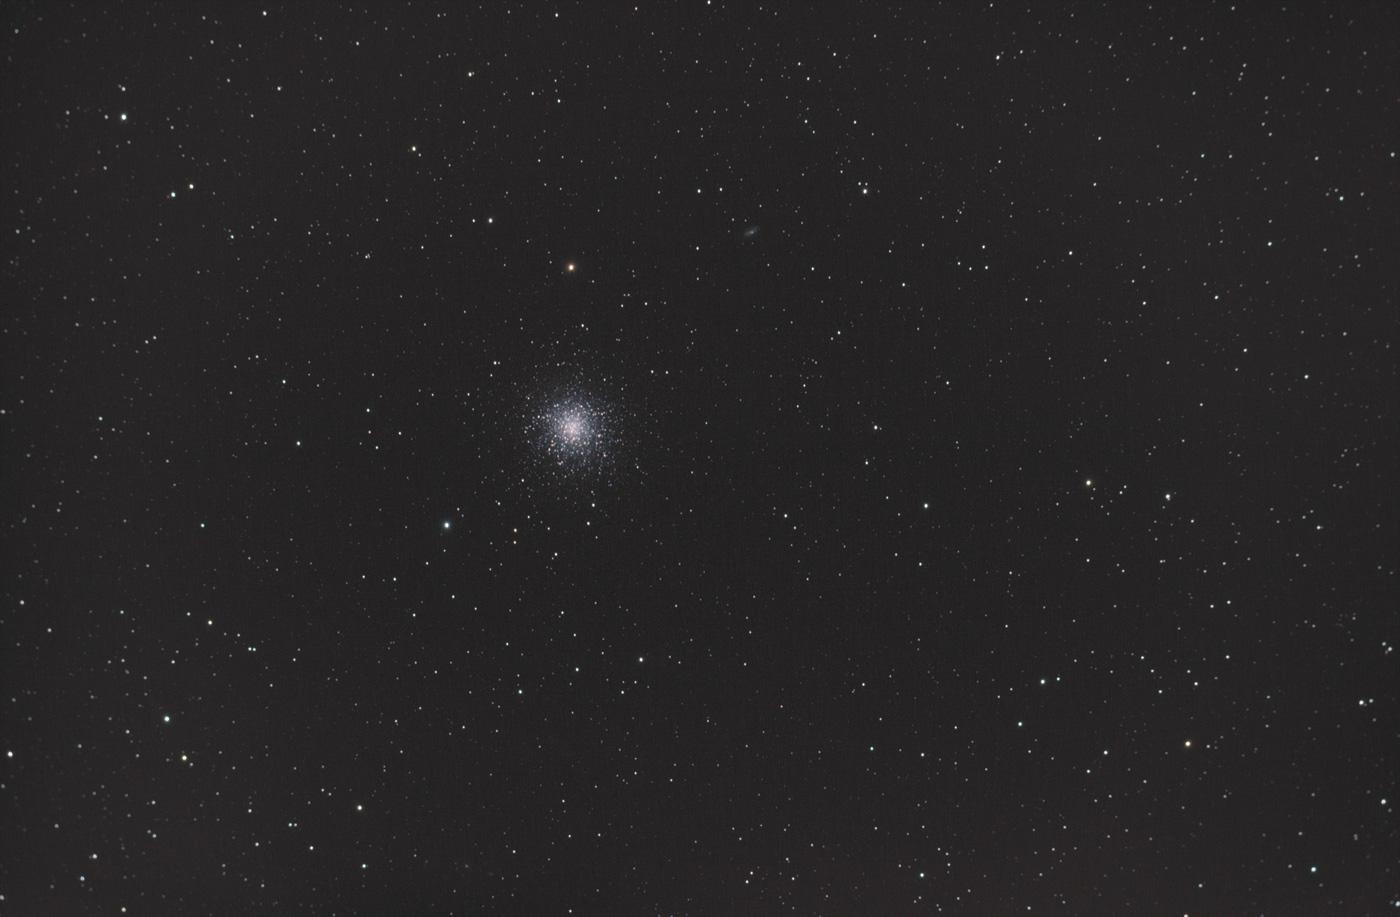 le fameux soir où la Lune est devenue plus grosse que Saturne! M13_25_10_2014final